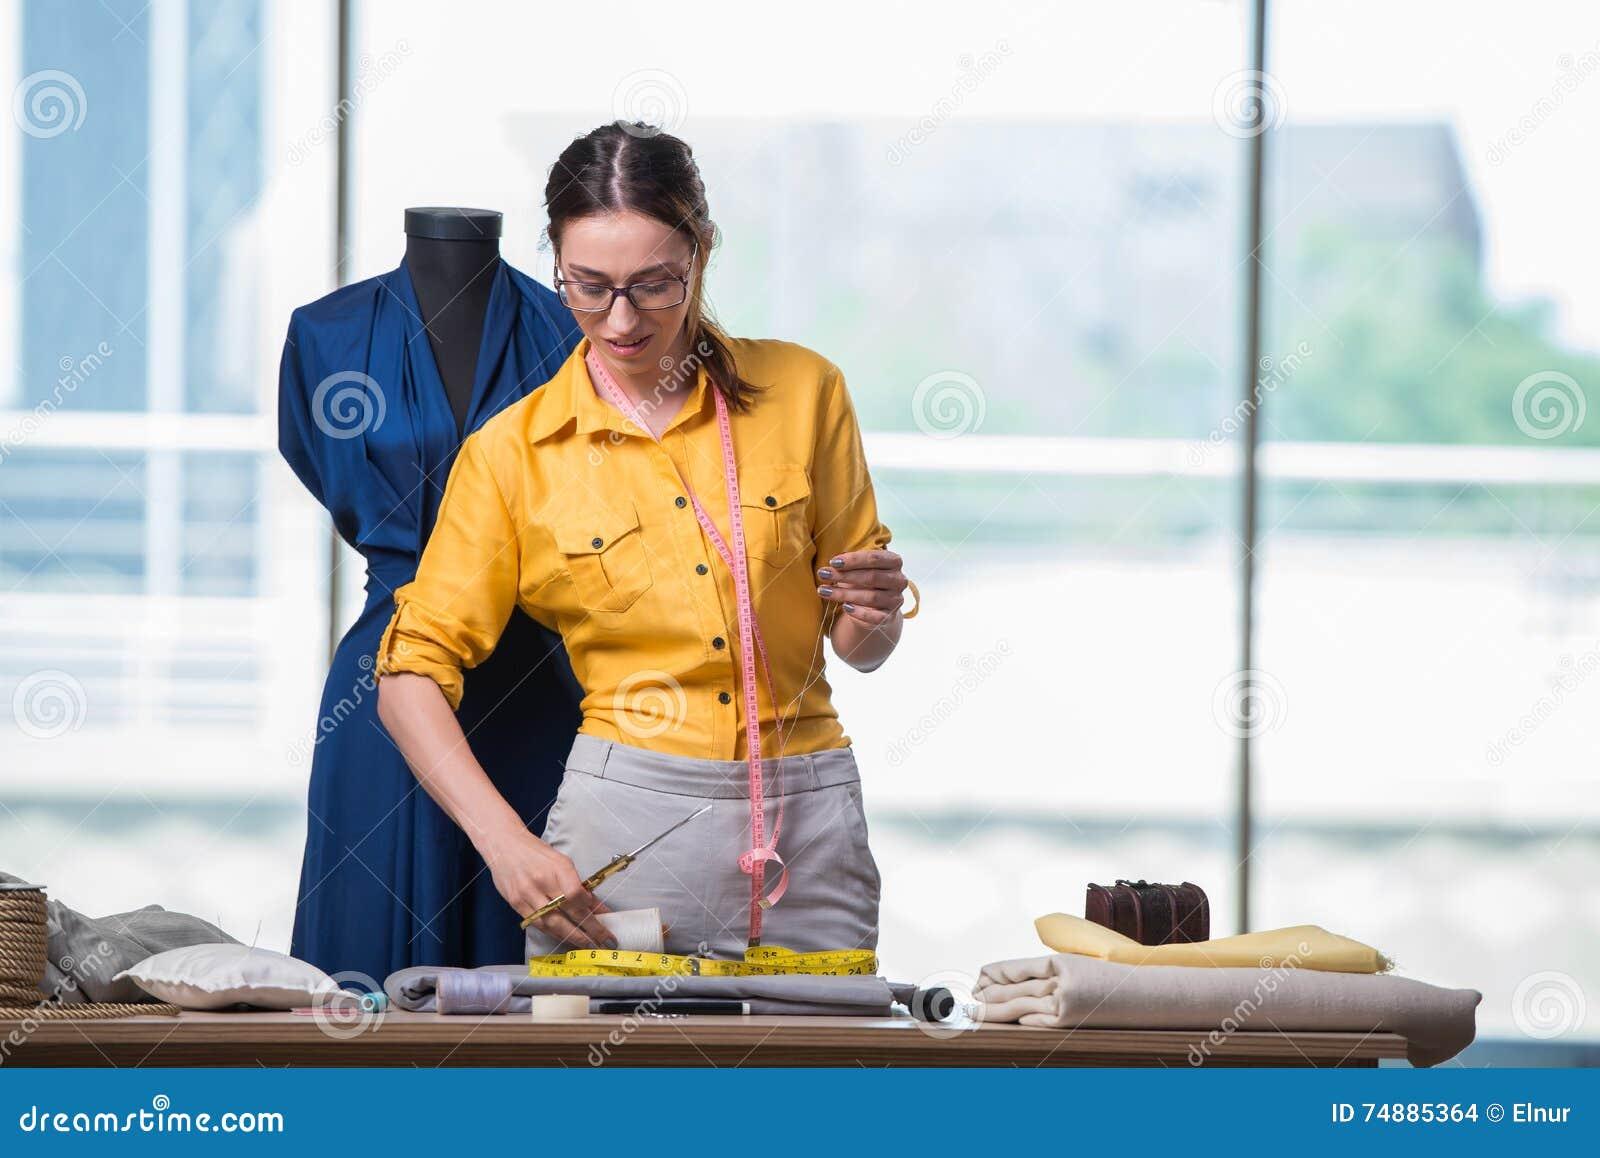 Der Frauenschneider, der an neuer Kleidung arbeitet